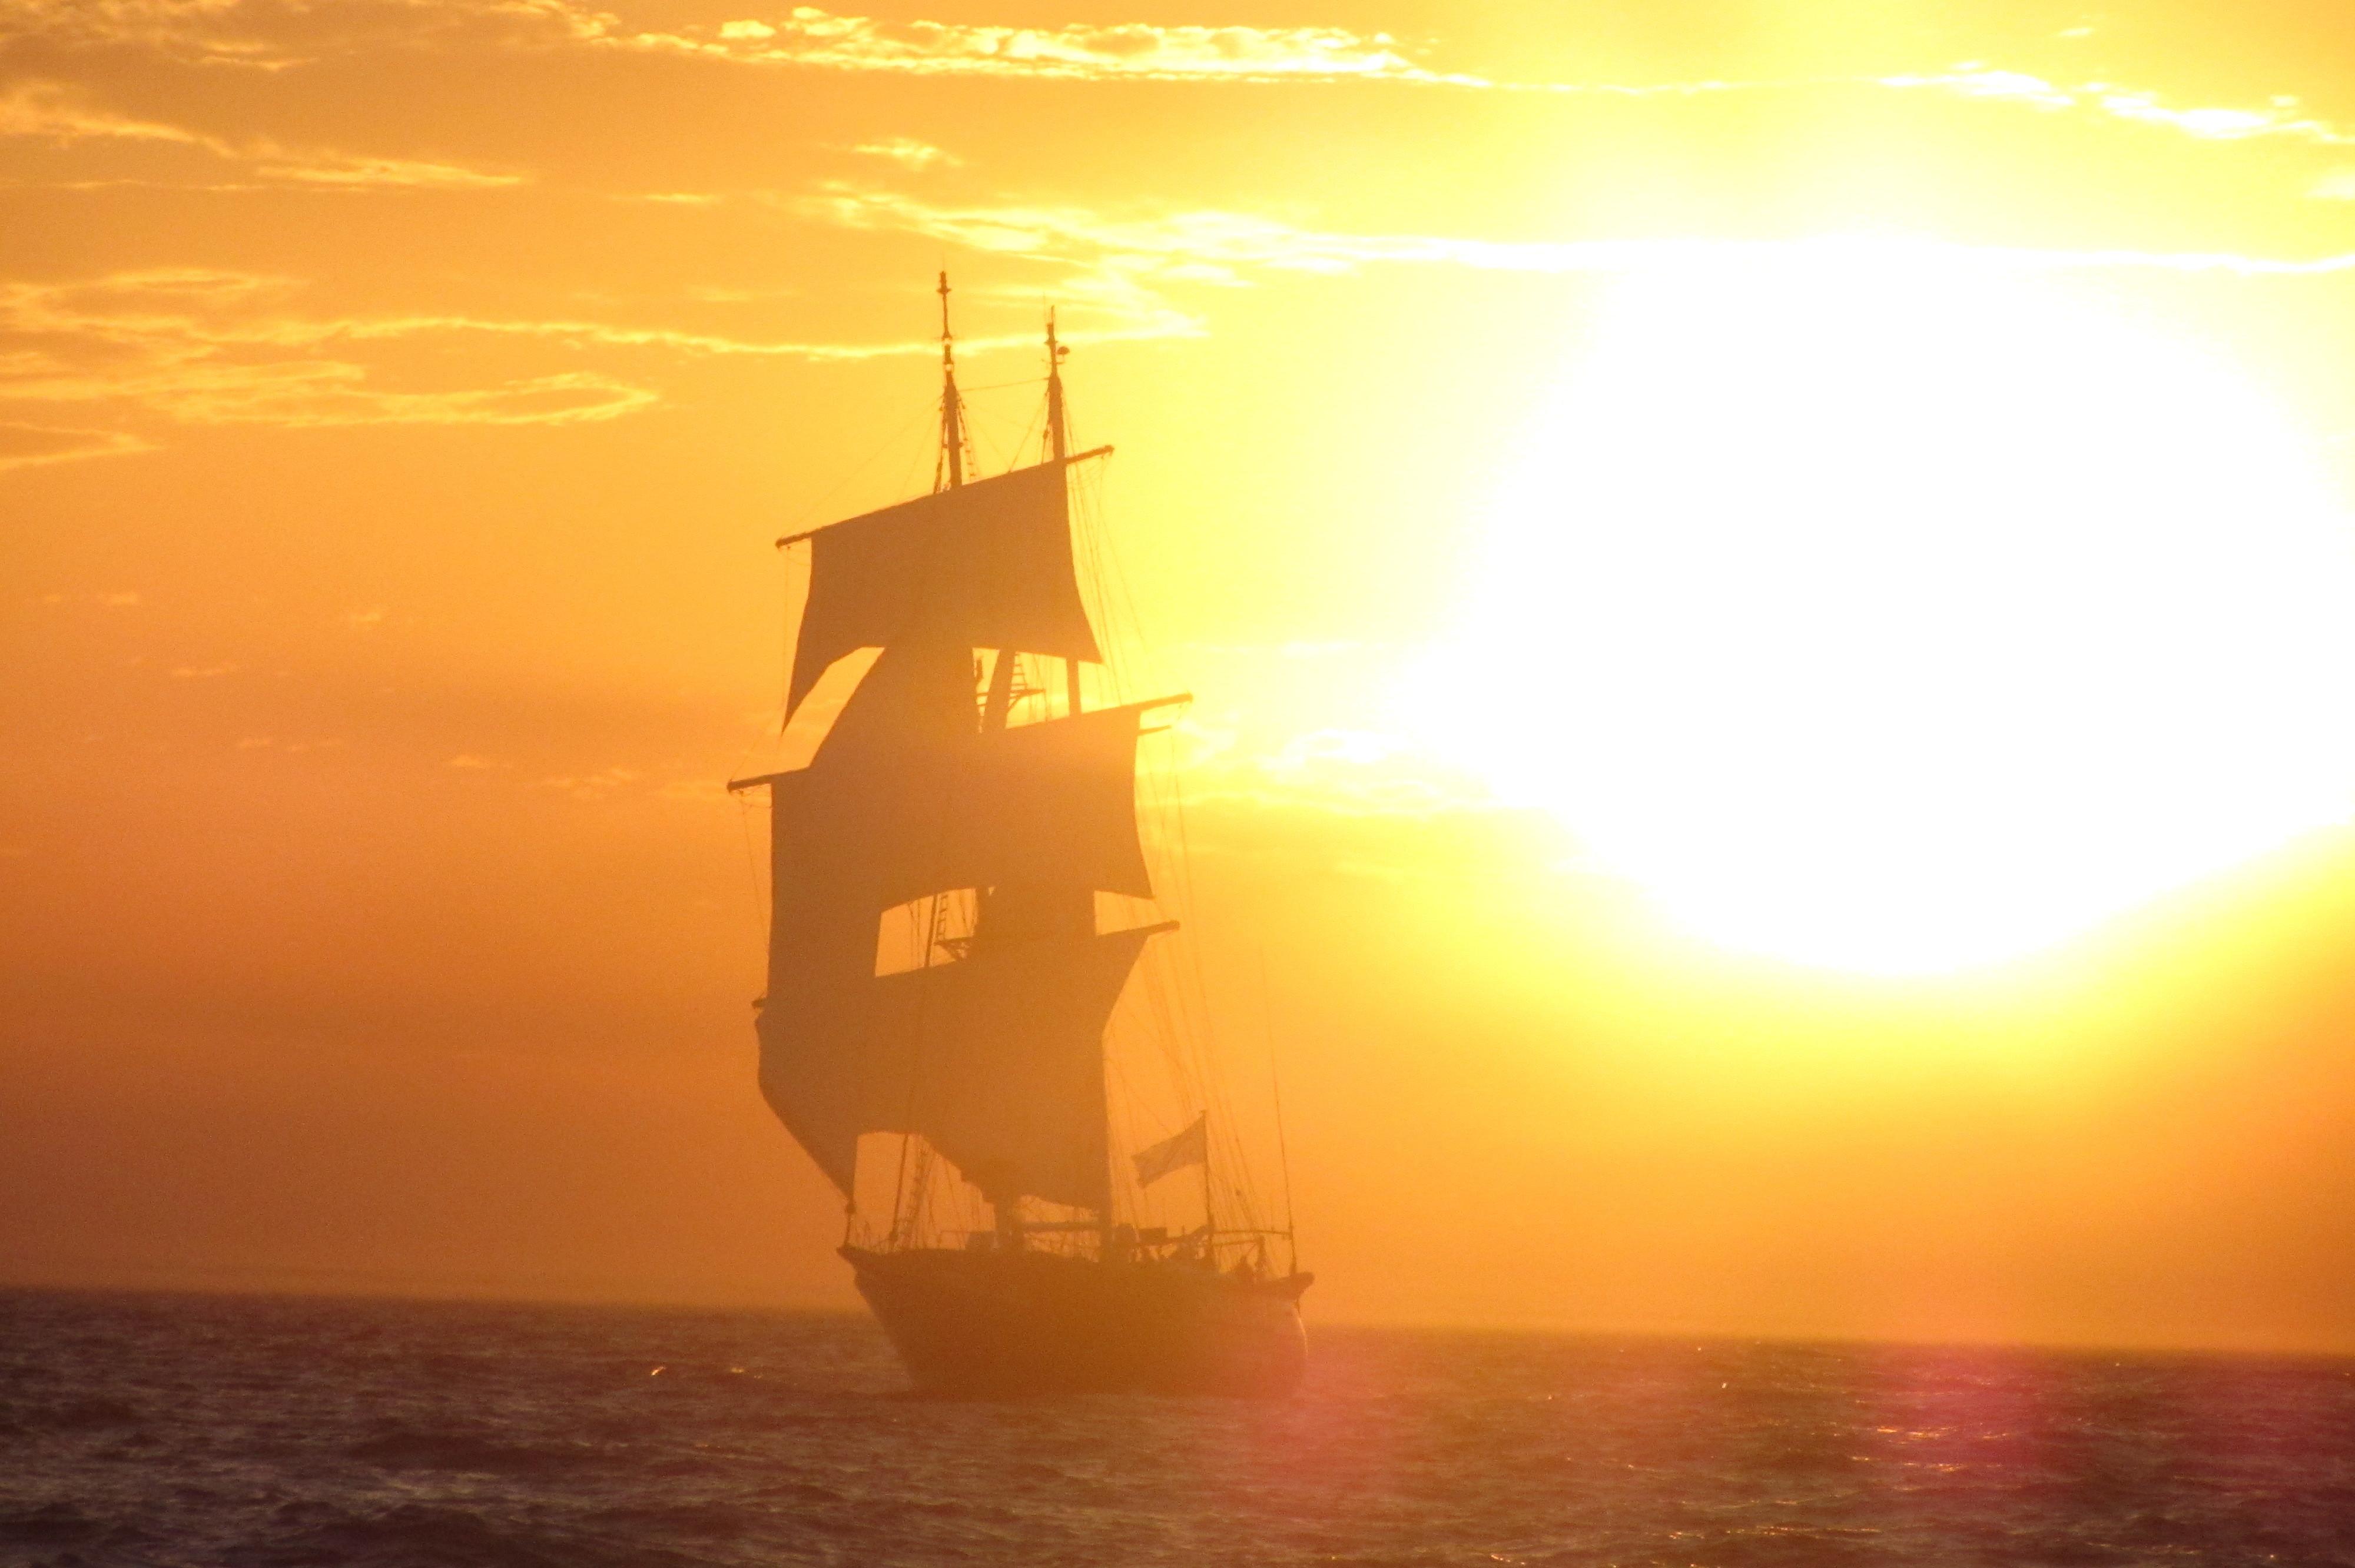 осуохай картинки корабля солнце задача предложить лучшее